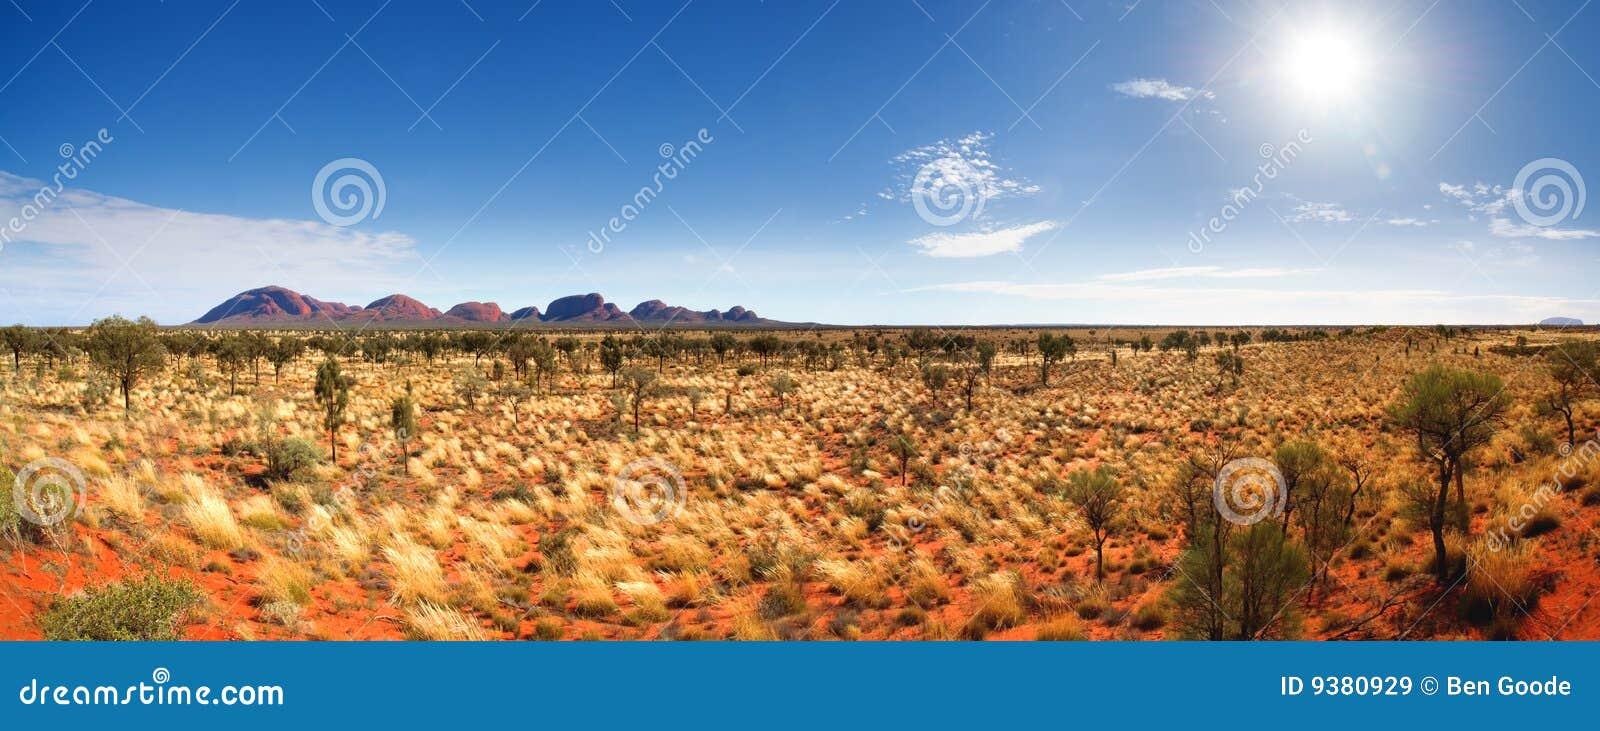 Panorama central de Austrália